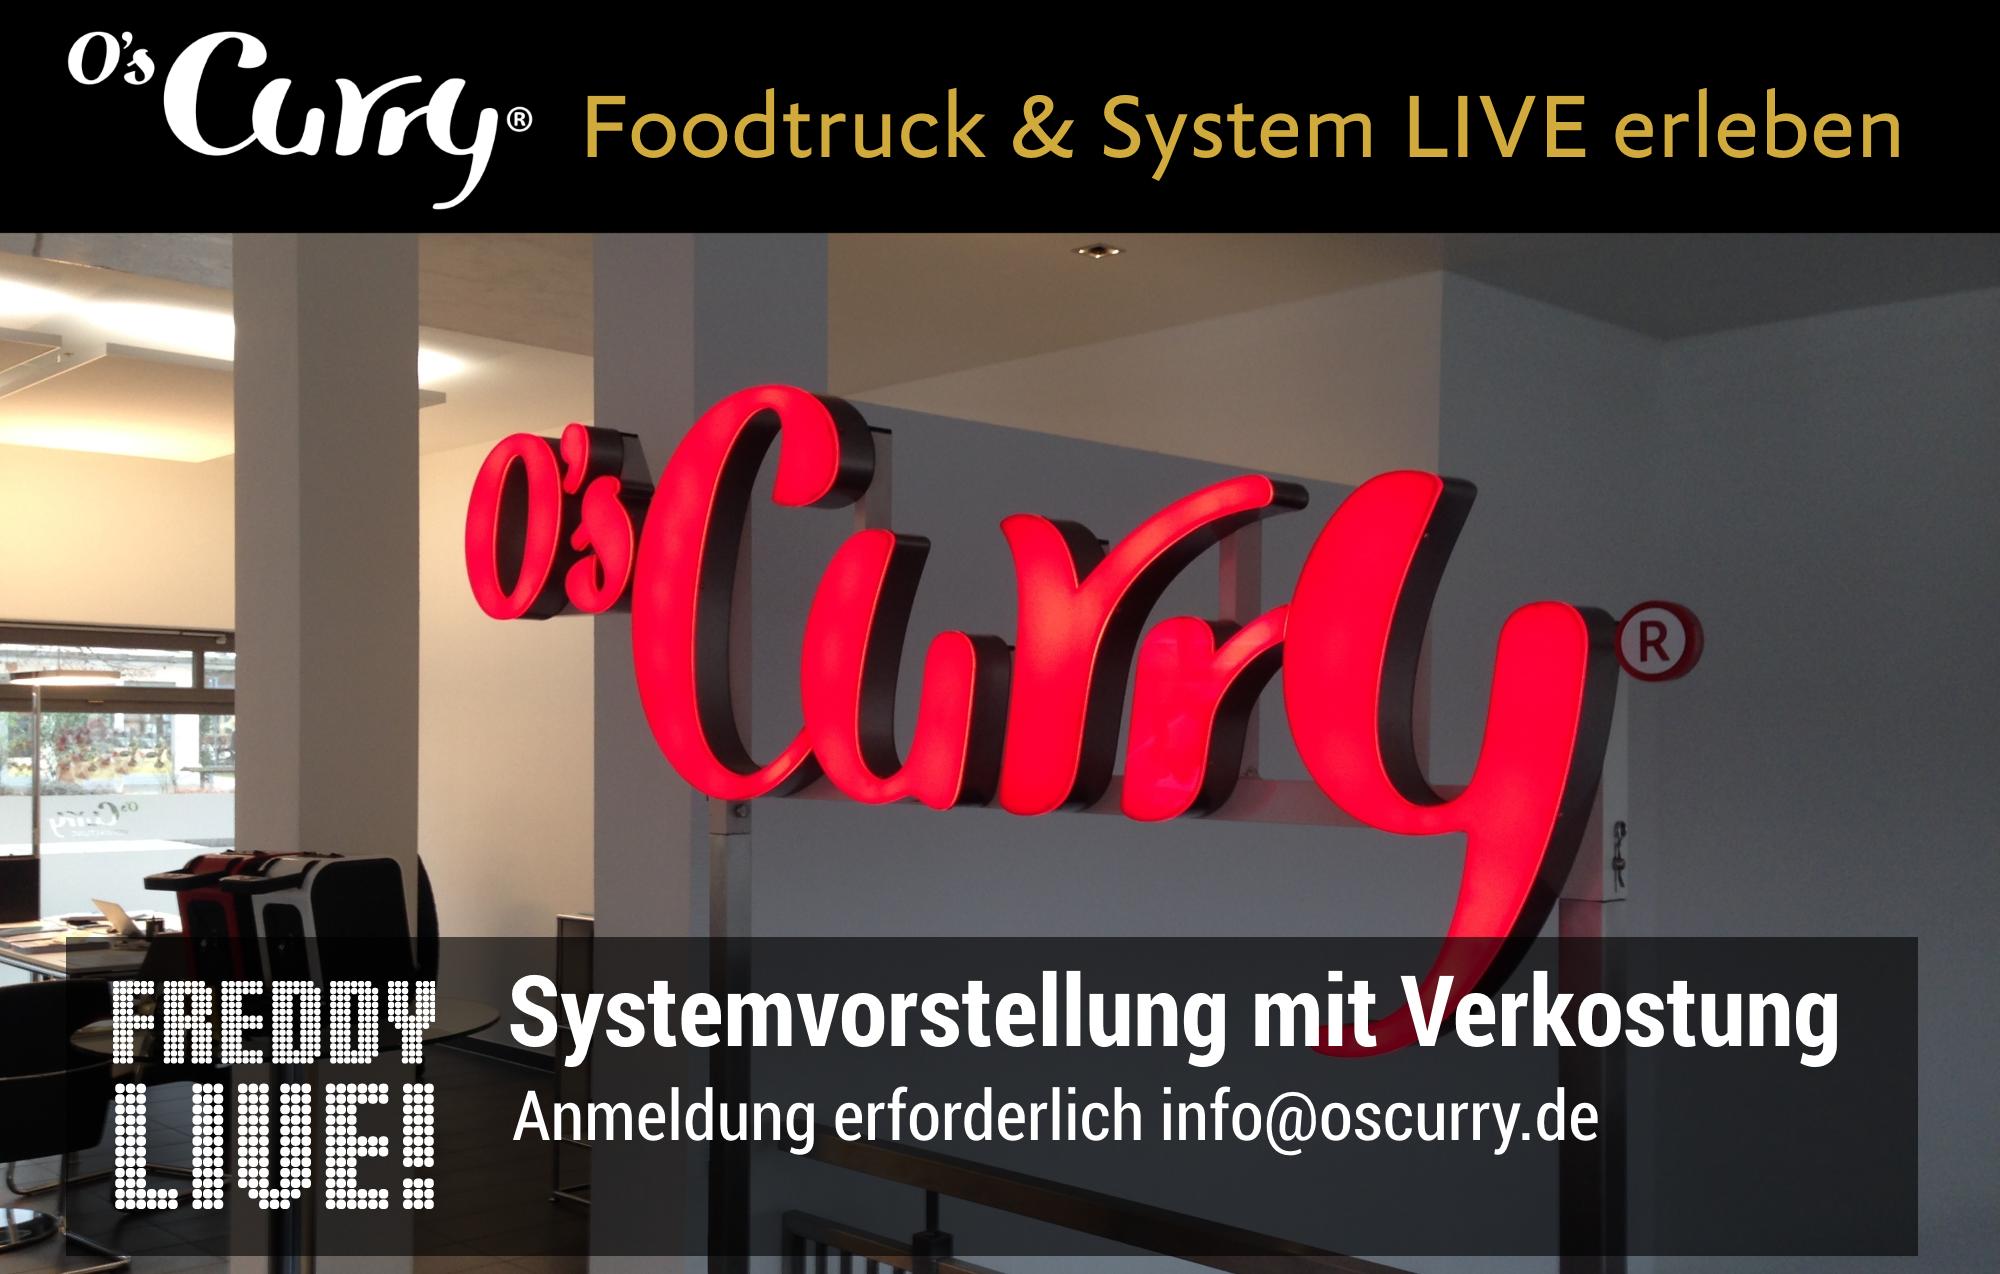 Freddy_Live Info-Veranstaltung und Vorstellung mit Praesentation und Vorfuehrung sowie Kennenlernen des System und Austausch von Erfahrungen mit O's Curry